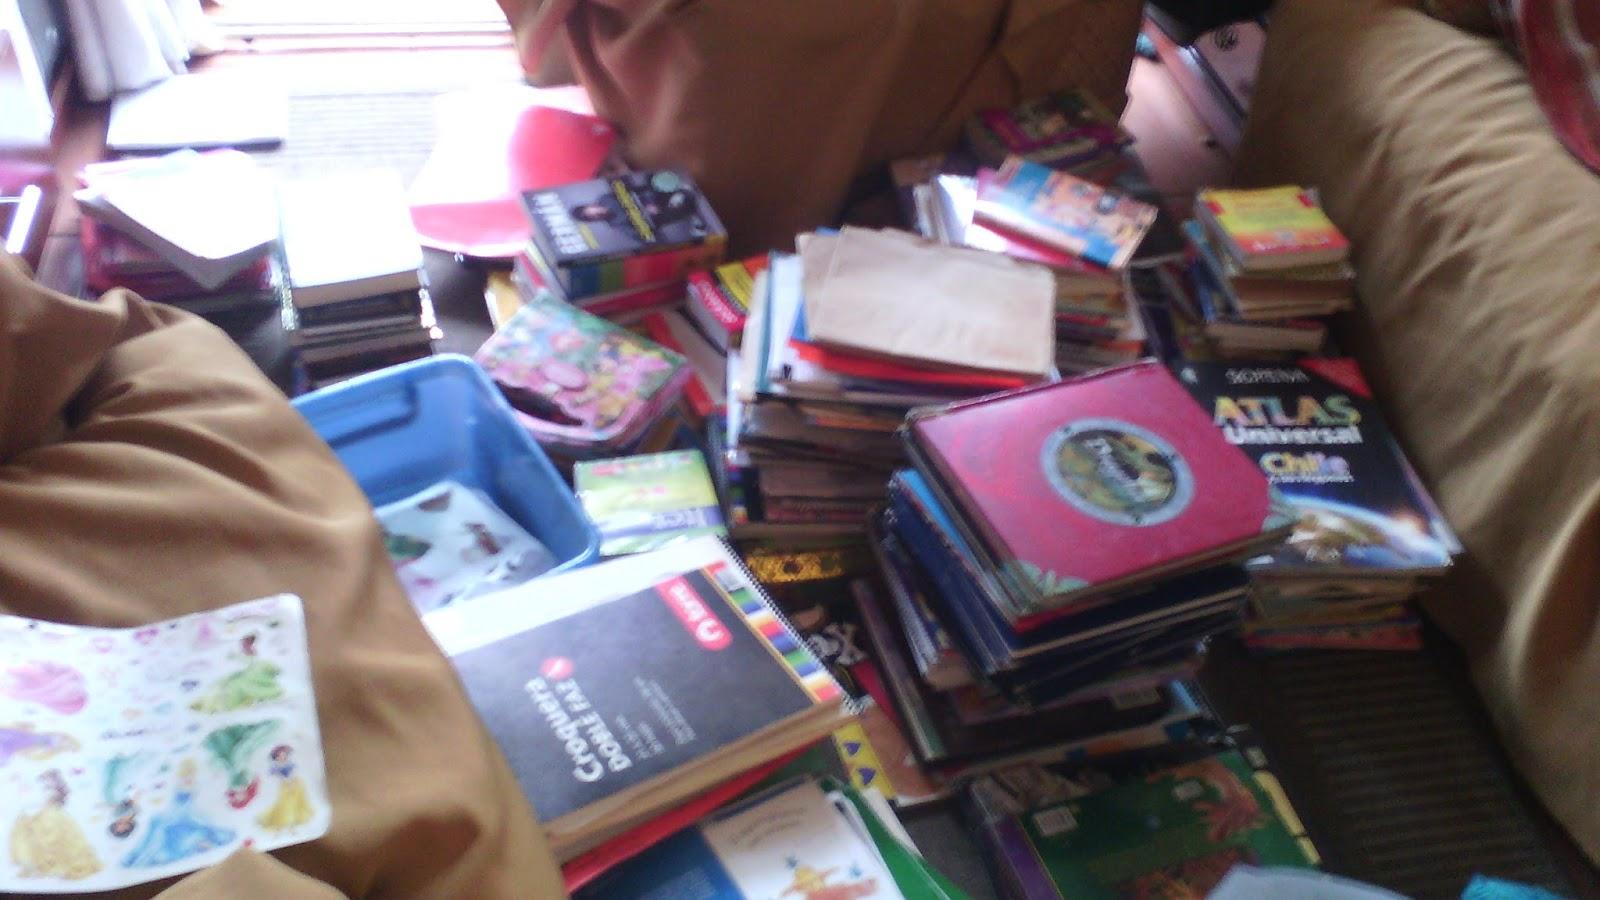 Desorden y acumulaci n konmari 2 libros - Ordenar libros konmari ...